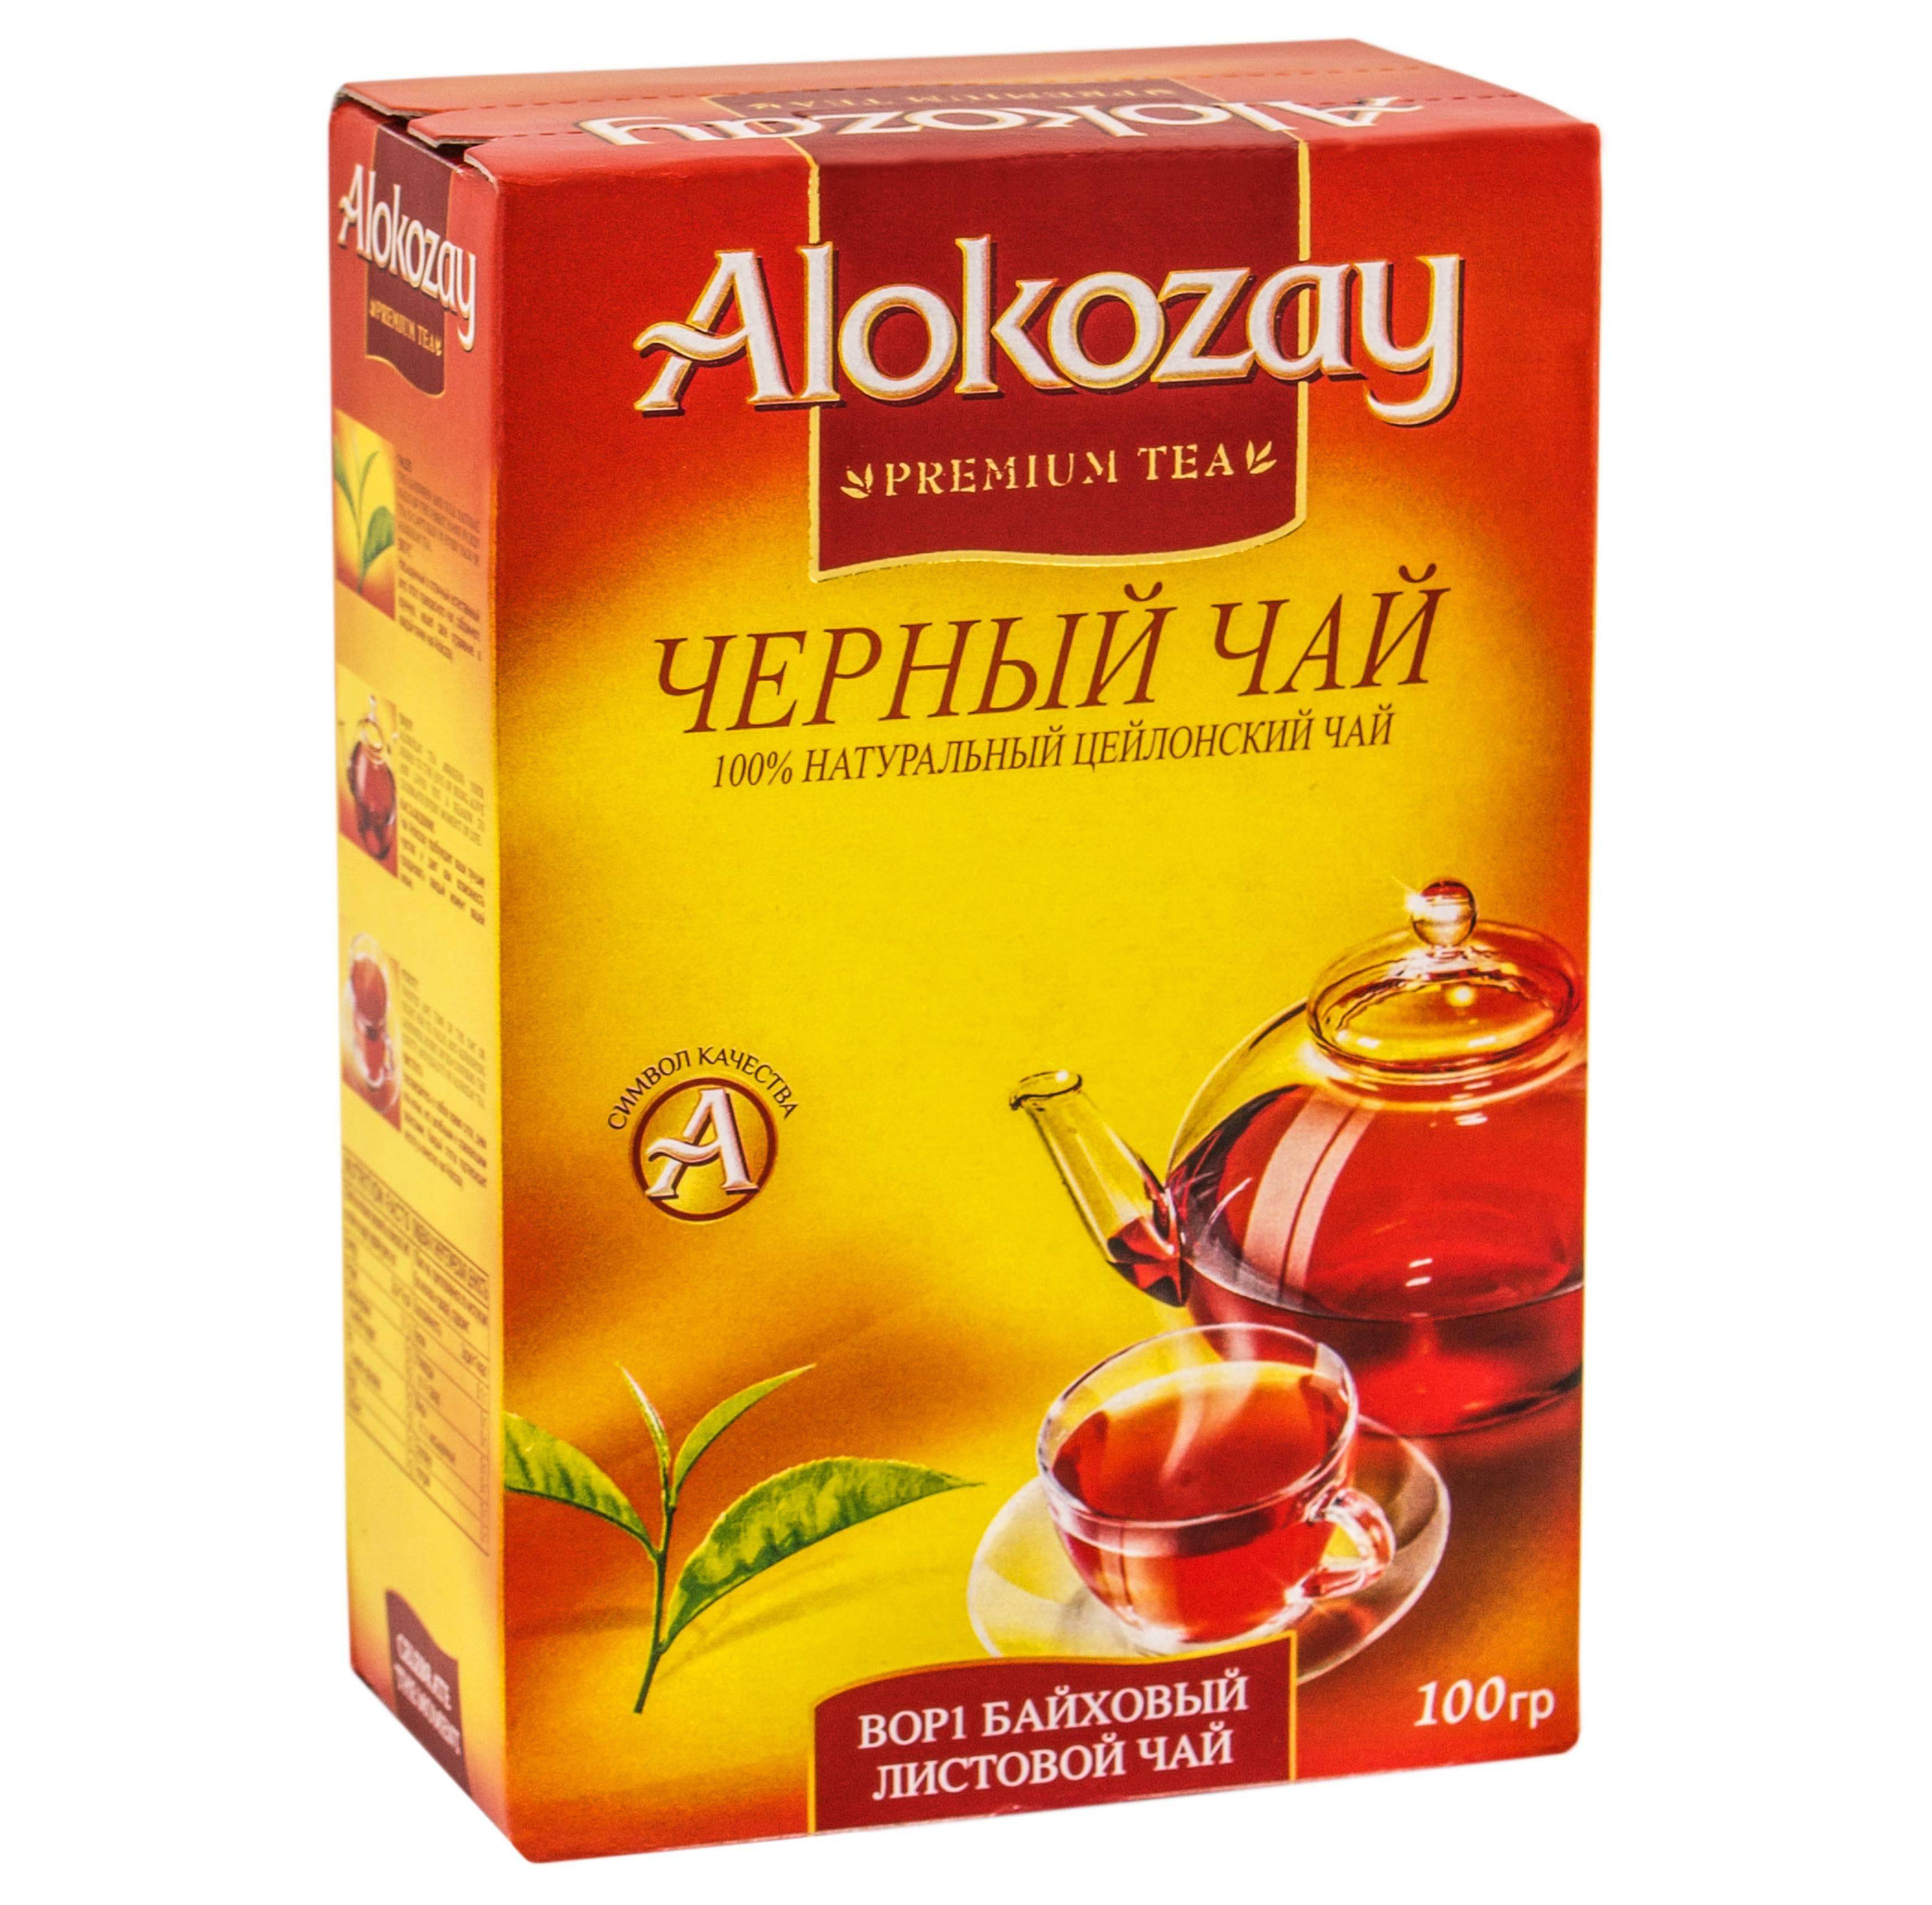 Чай алокозай: стоит ли его покупать и почему, отзывы